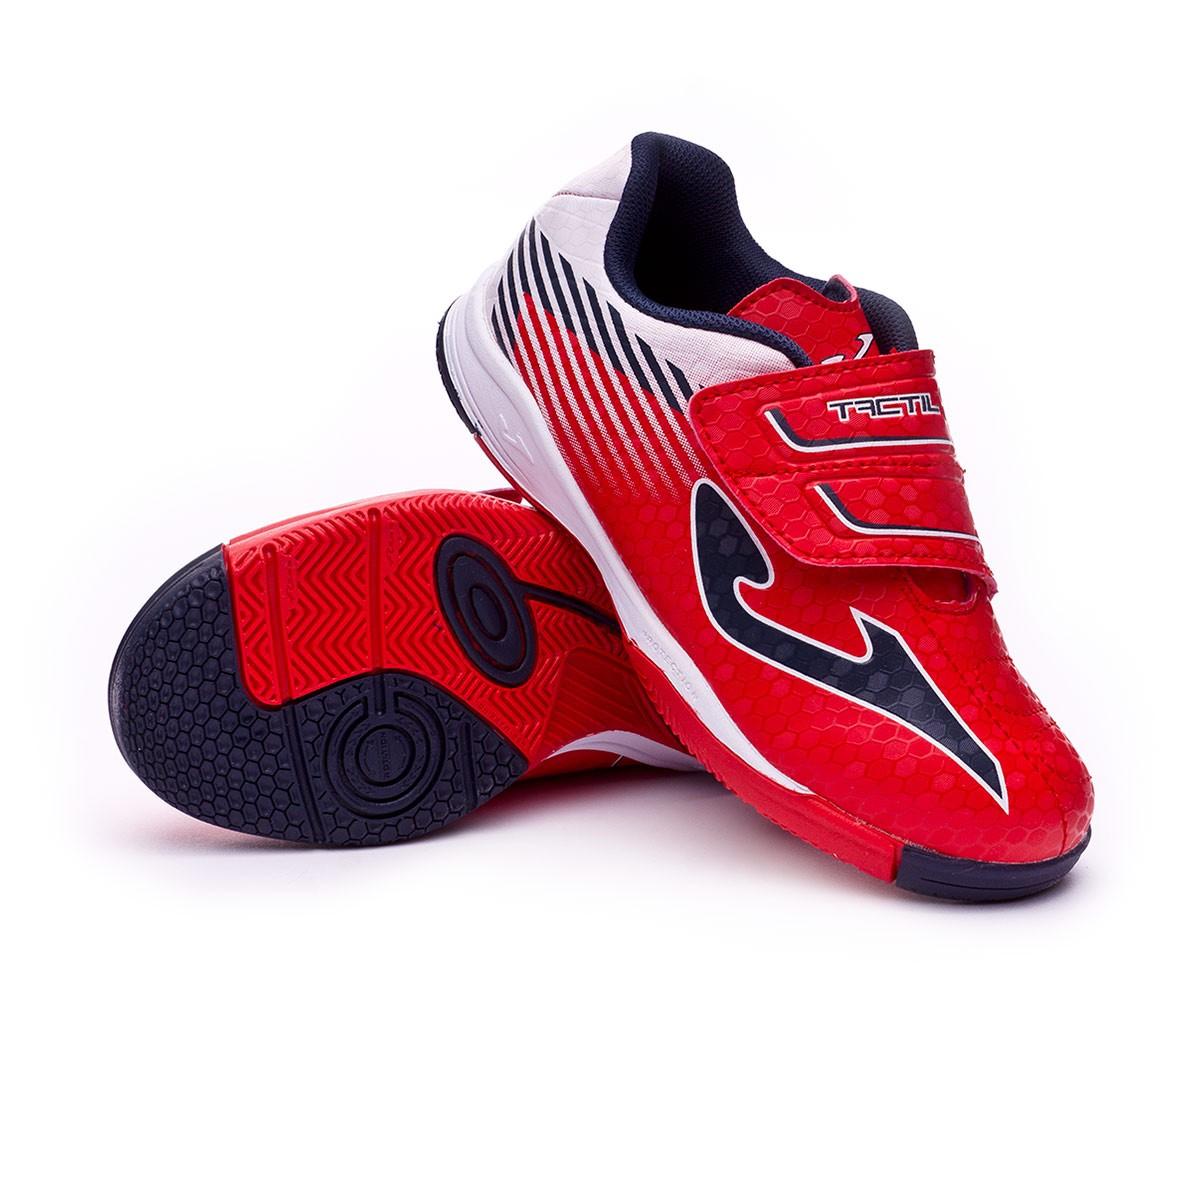 Zapatilla Joma Tactil IN Velcro Niño Red-White - Soloporteros es ... 8e719be6ccacd